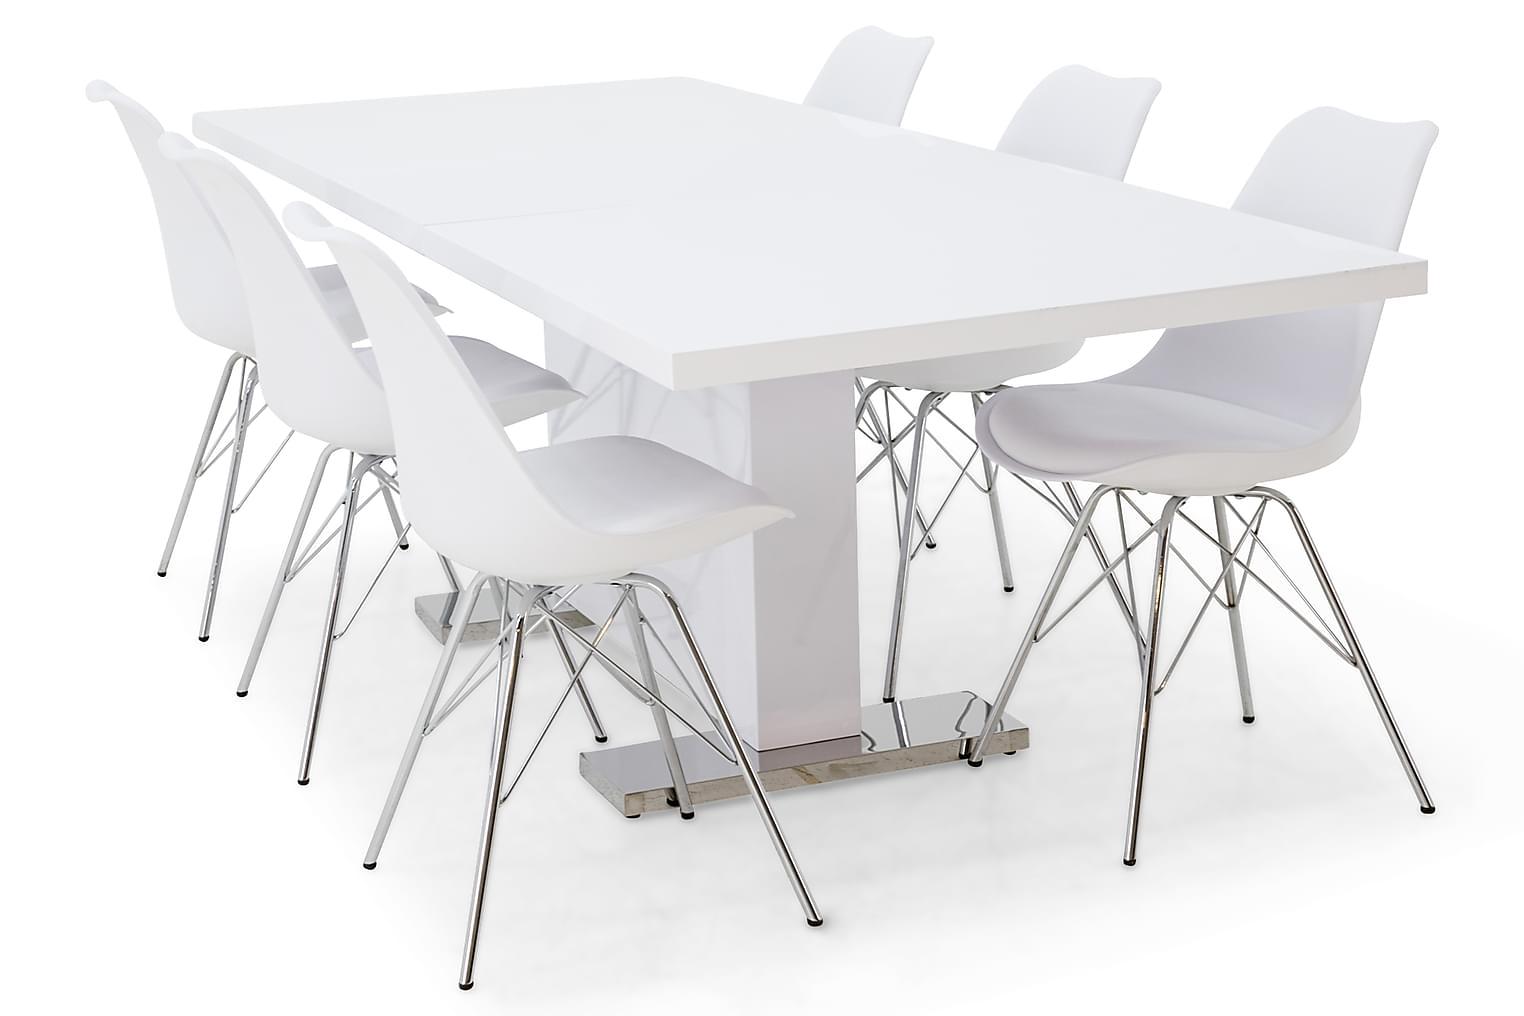 DUMAS Pöytä 180 Valkoinen + 6 ZENIT Tuolia Valkoinen/Kromi